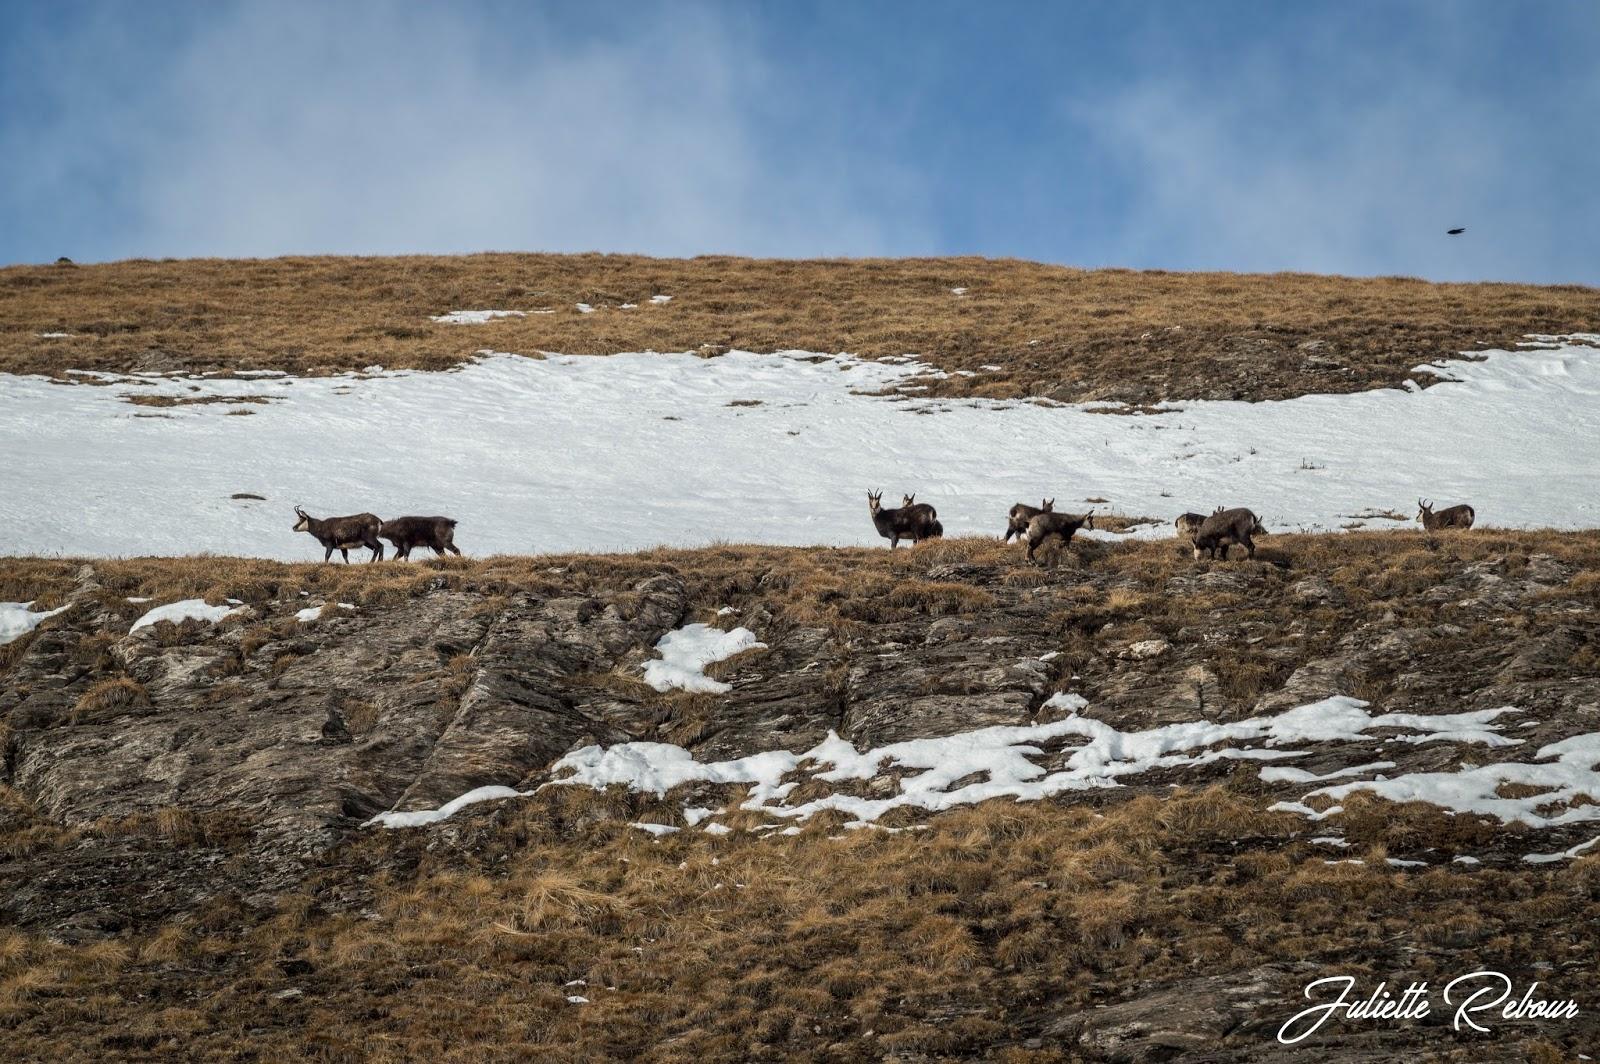 Harde de chamois en Savoie